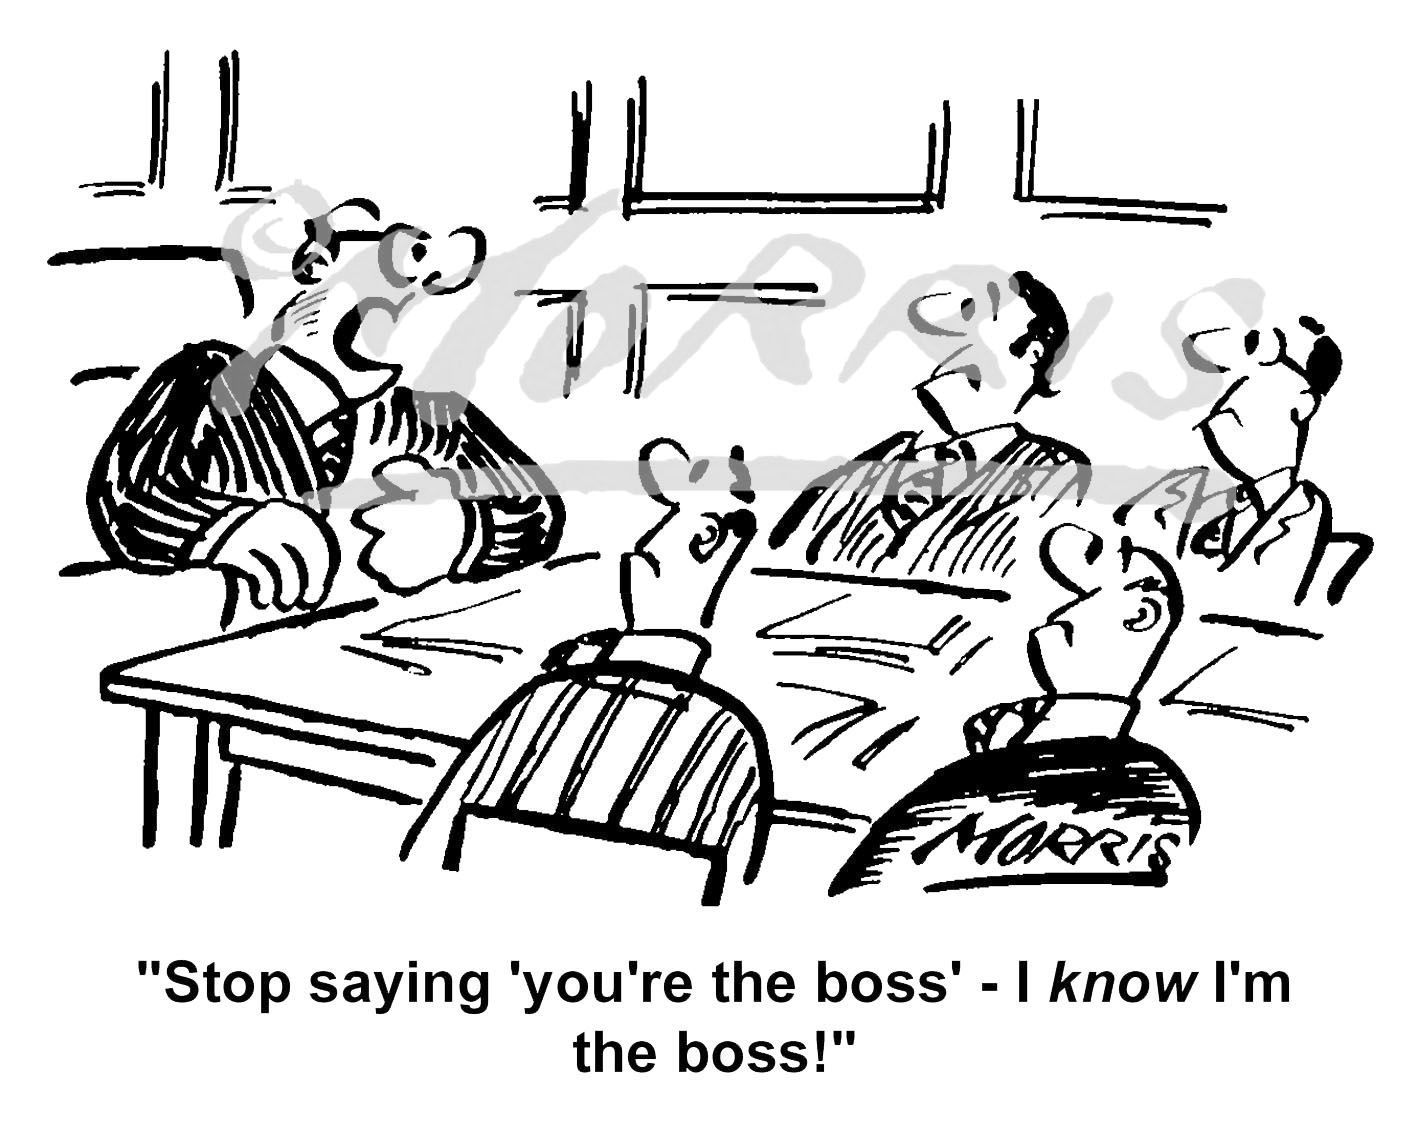 Boss cartoon, boardroom cartoon – Ref: 1506bw